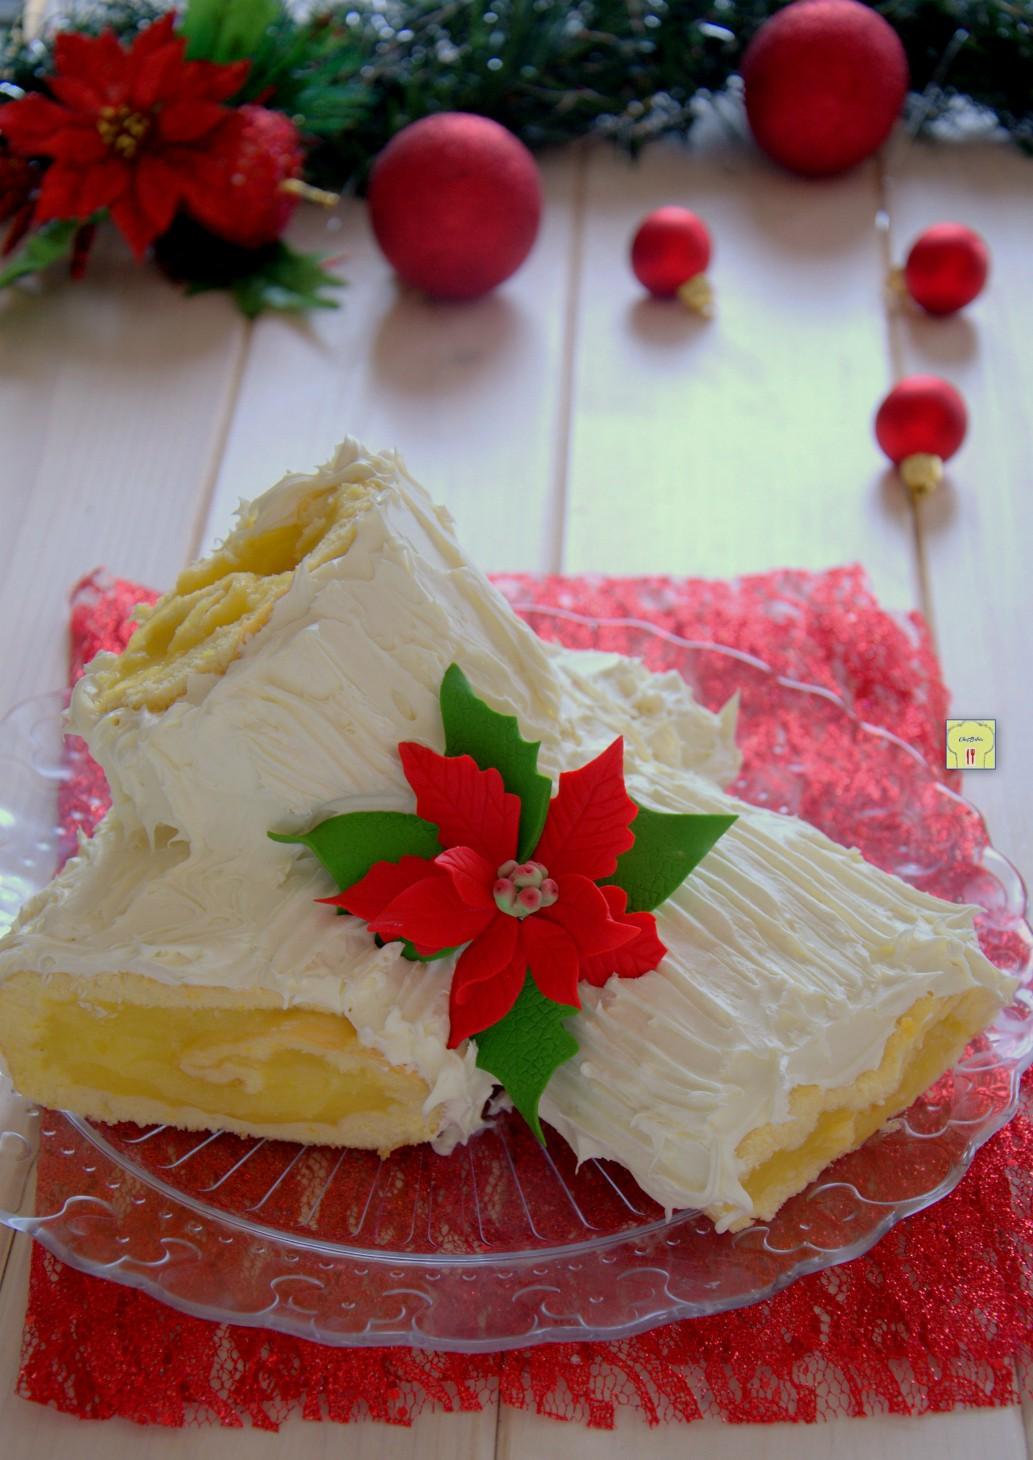 Come Decorare Un Tronchetto Di Natale.Tronchetto Di Natale Arancia E Cioccolato Bianco